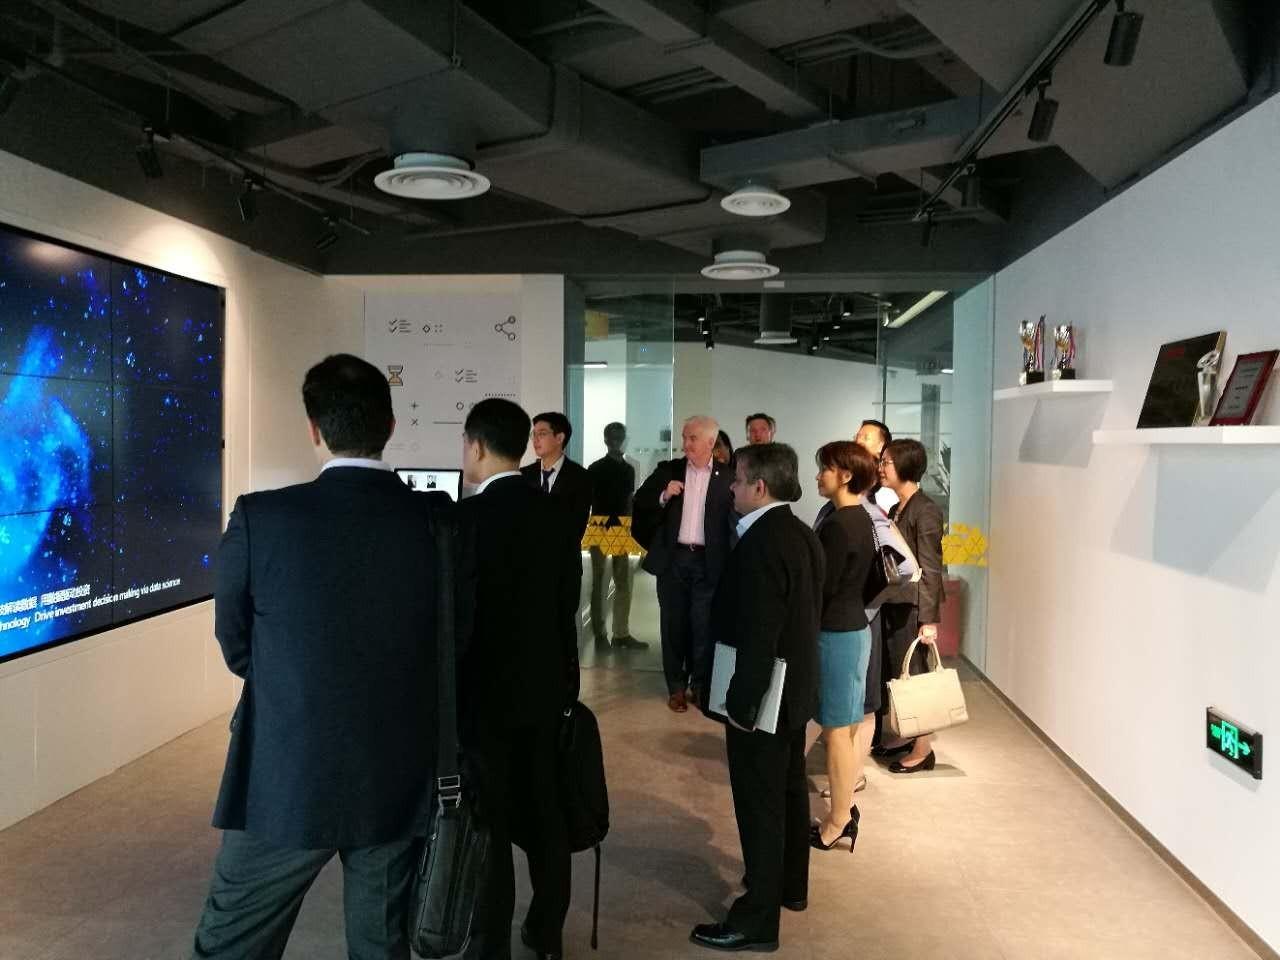 世界知名基金管理公司Vanguard高管团访问通联数据